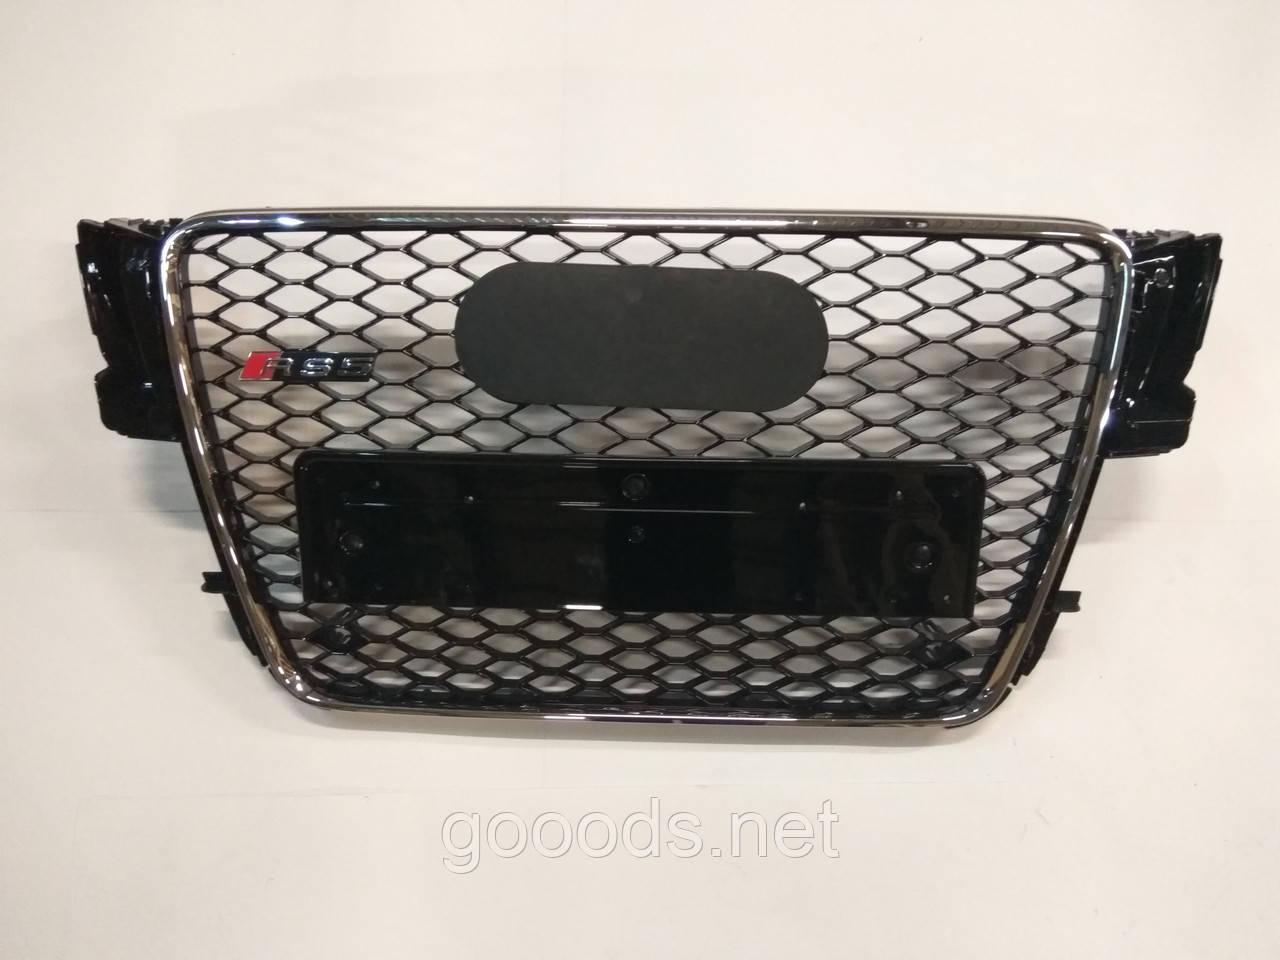 Решетка радиатора в стиле RS5 для Audi A5